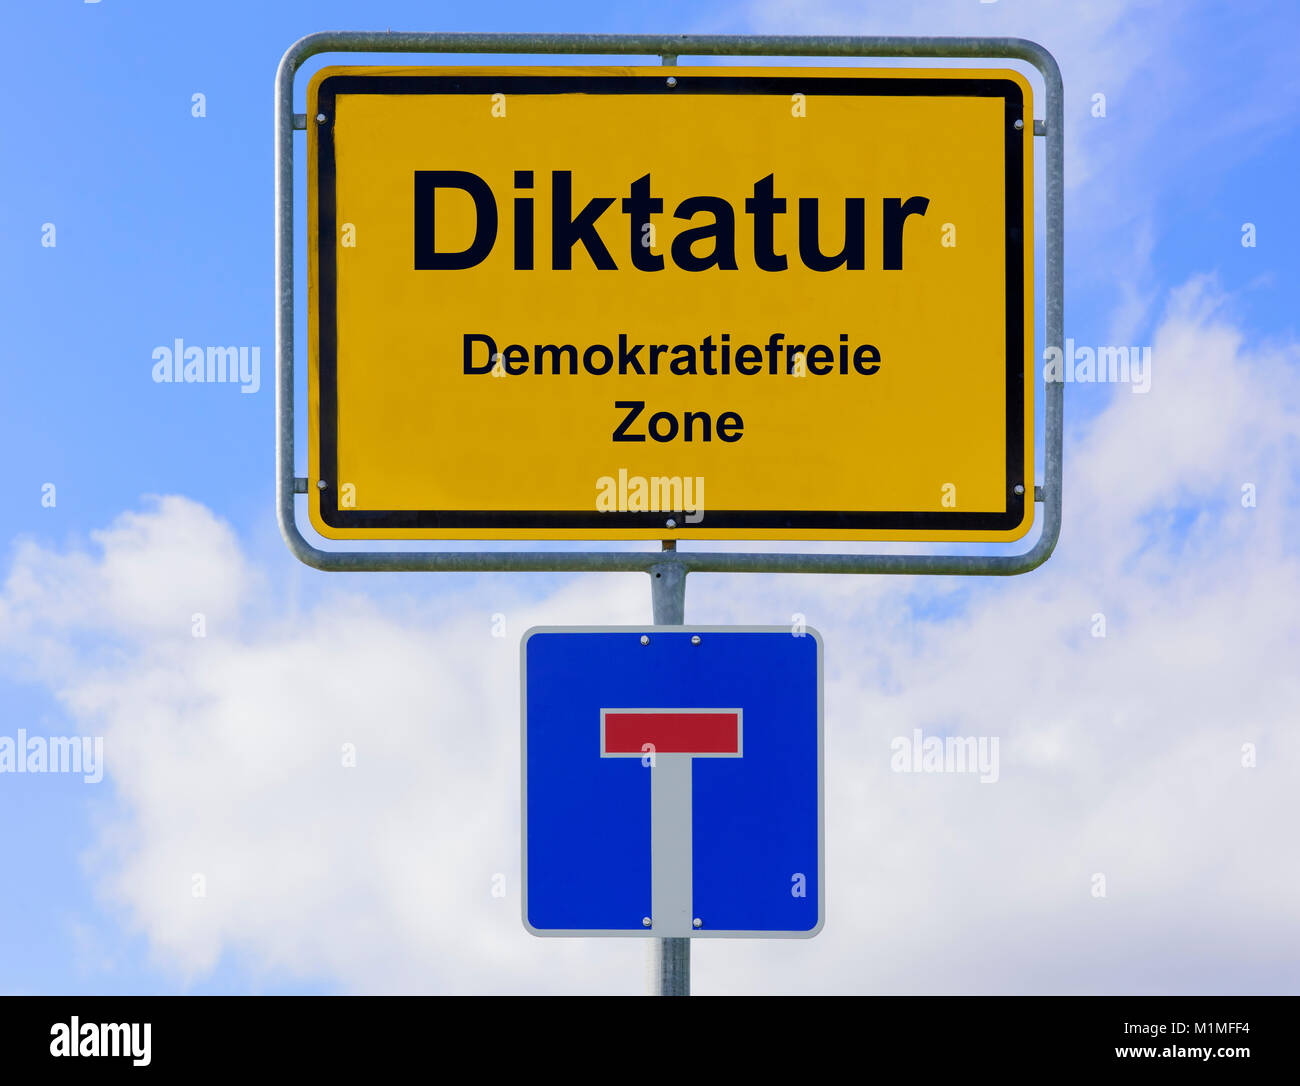 Diktatur in der Demokratiefreien Zone Stockbild